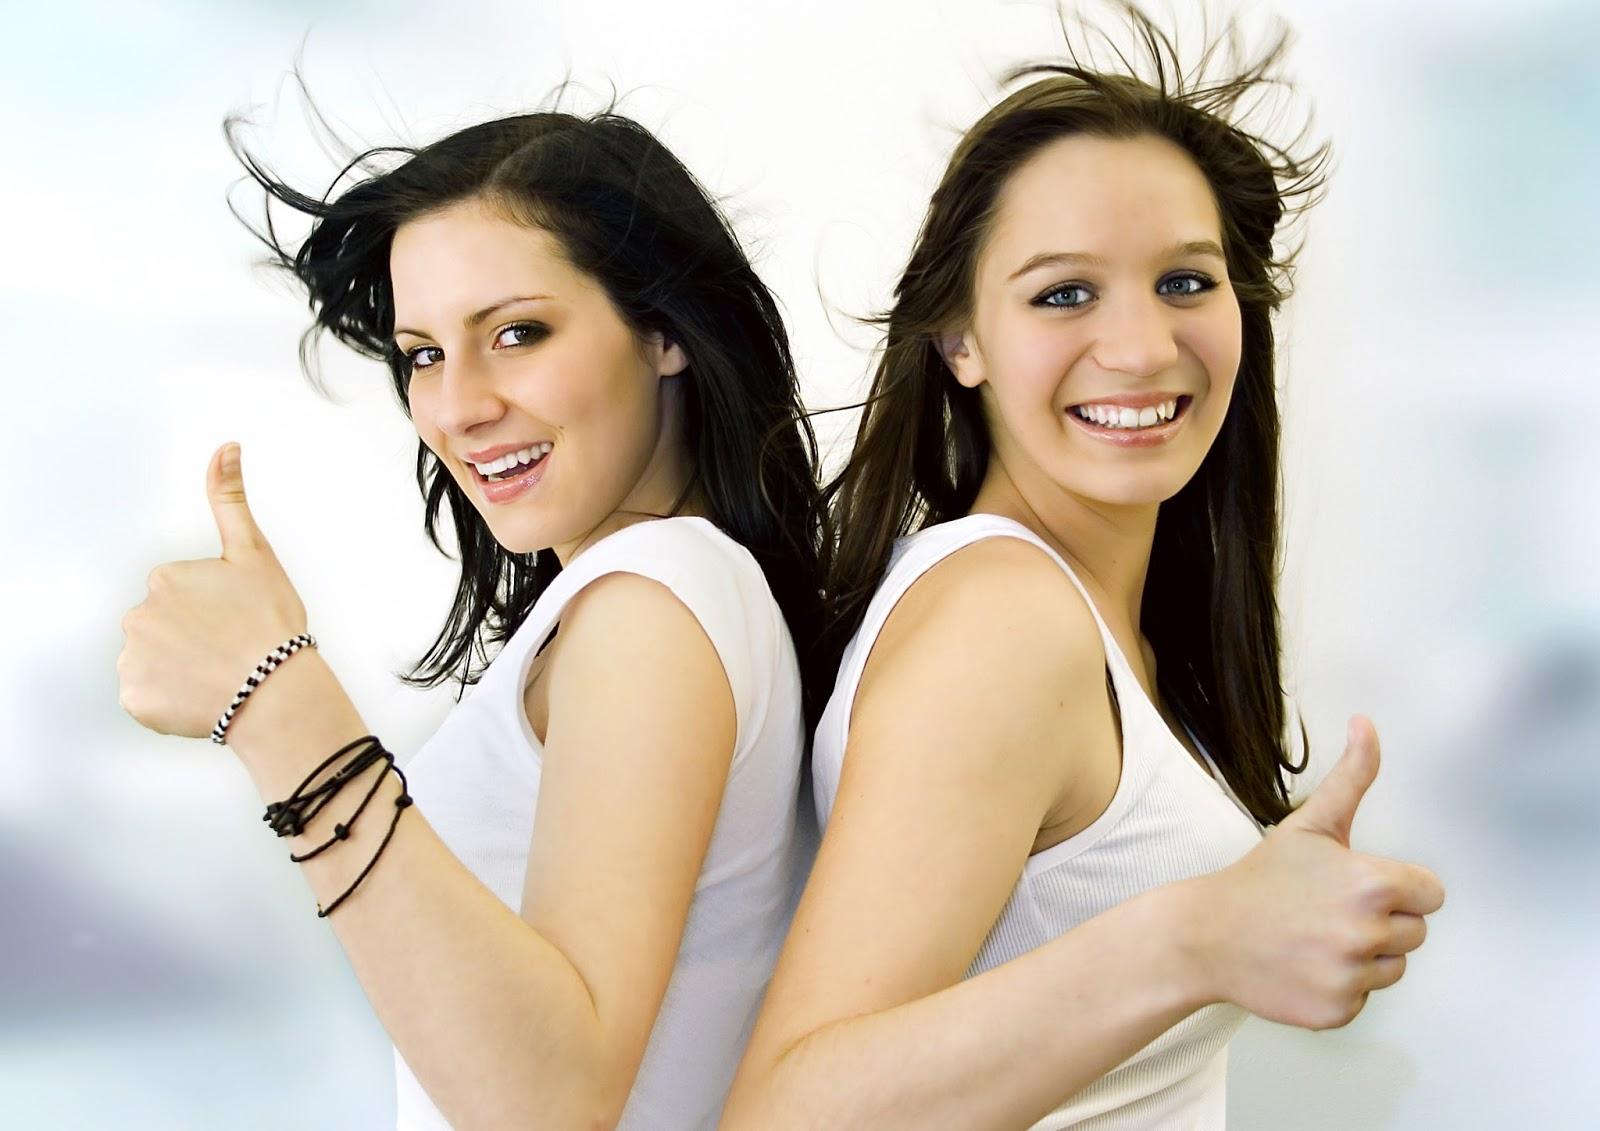 Слова к фото с двумя девушками